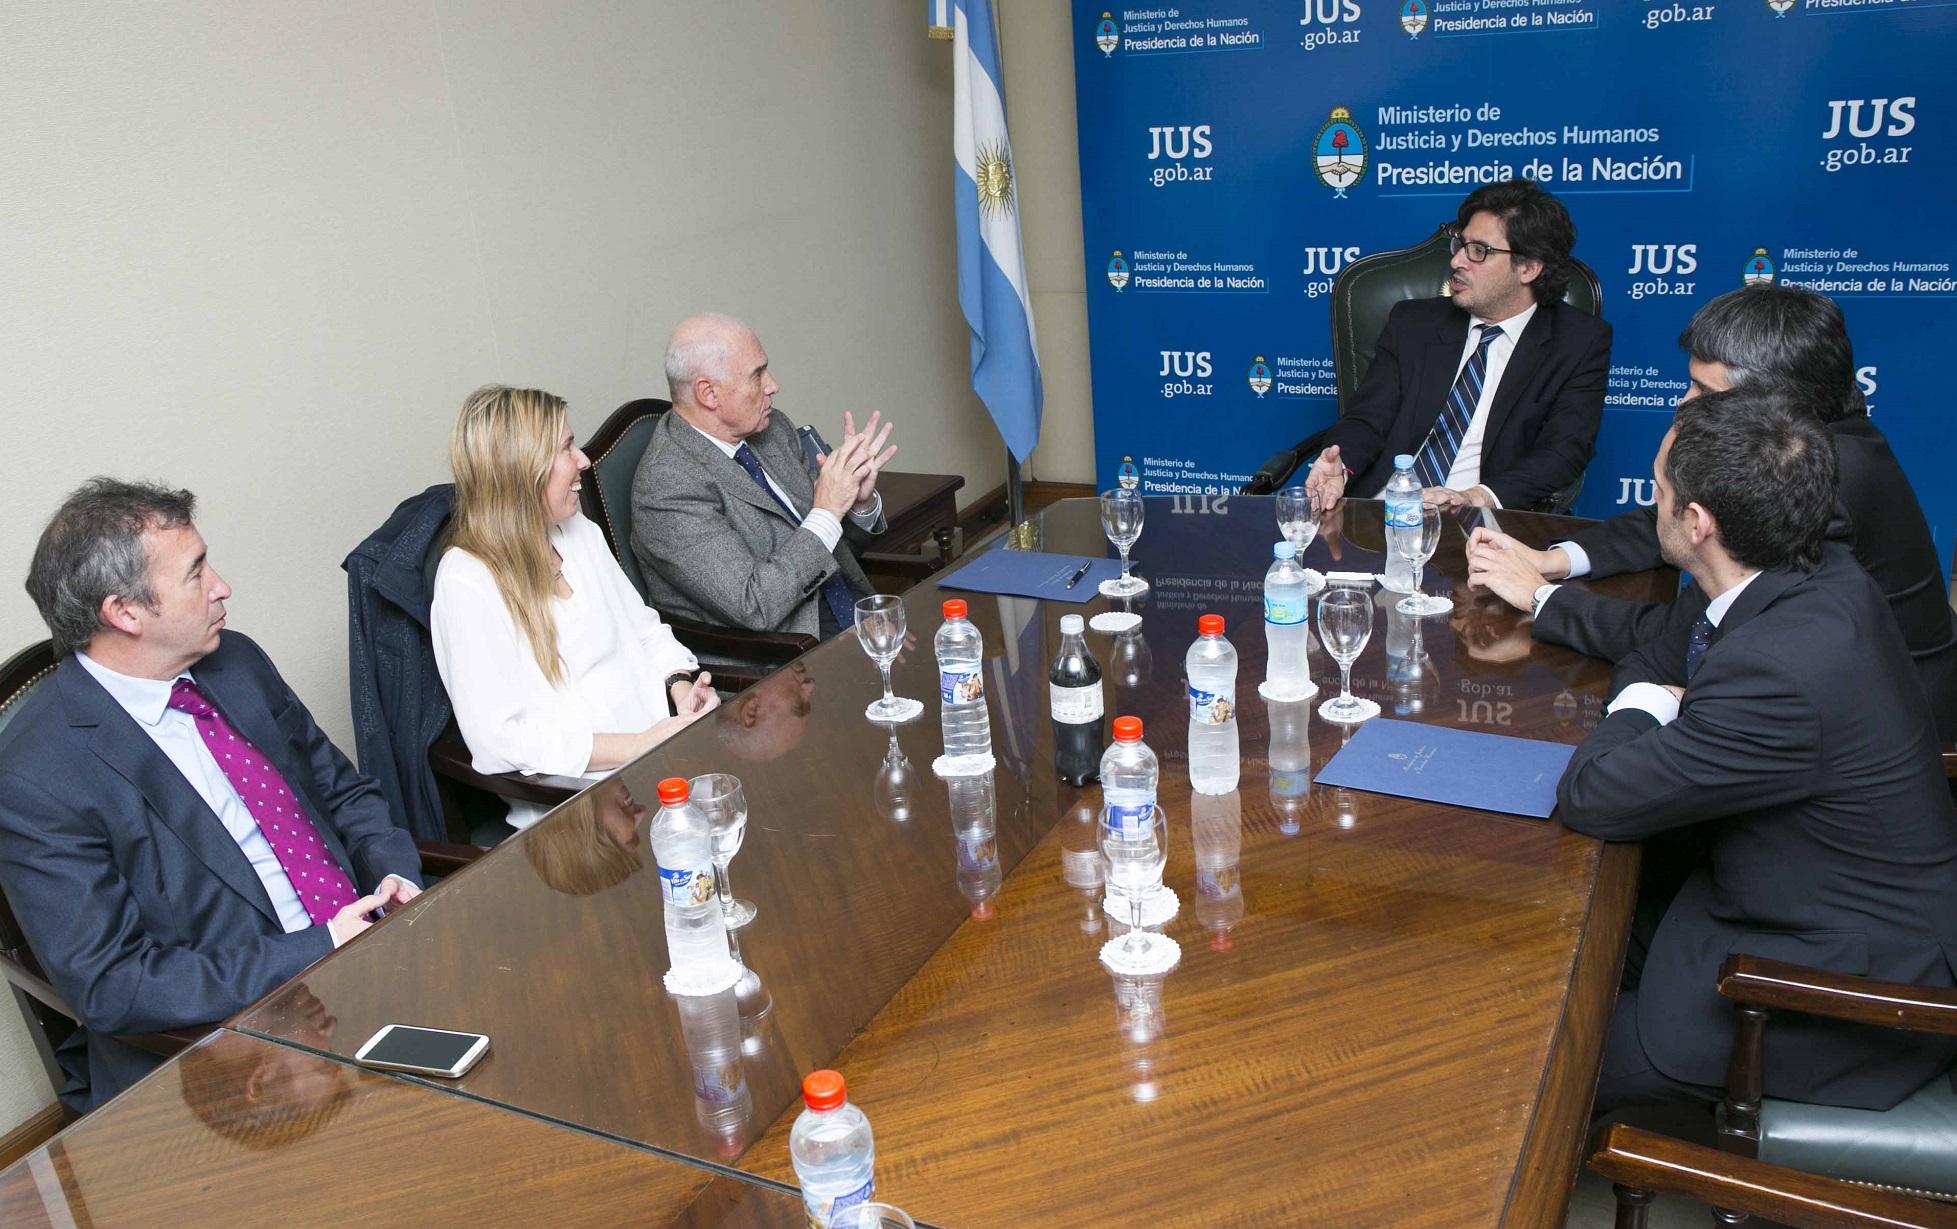 Convenio de cooperación con el Ministerio Público Fiscal de la Ciudad de Buenos Aires